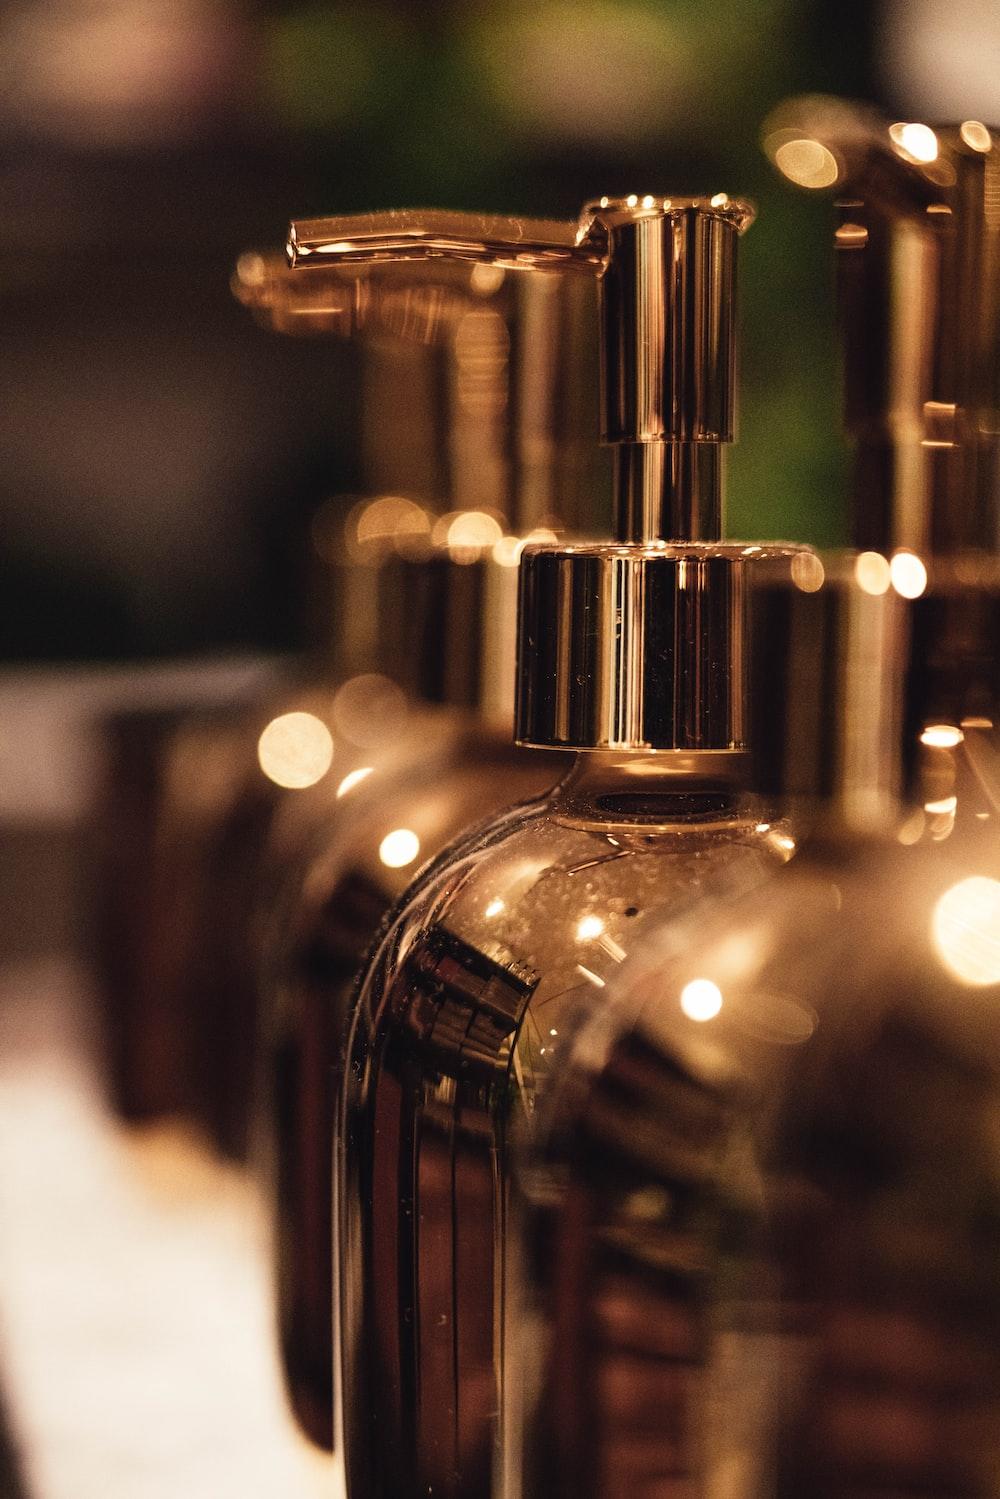 brown pump bottle